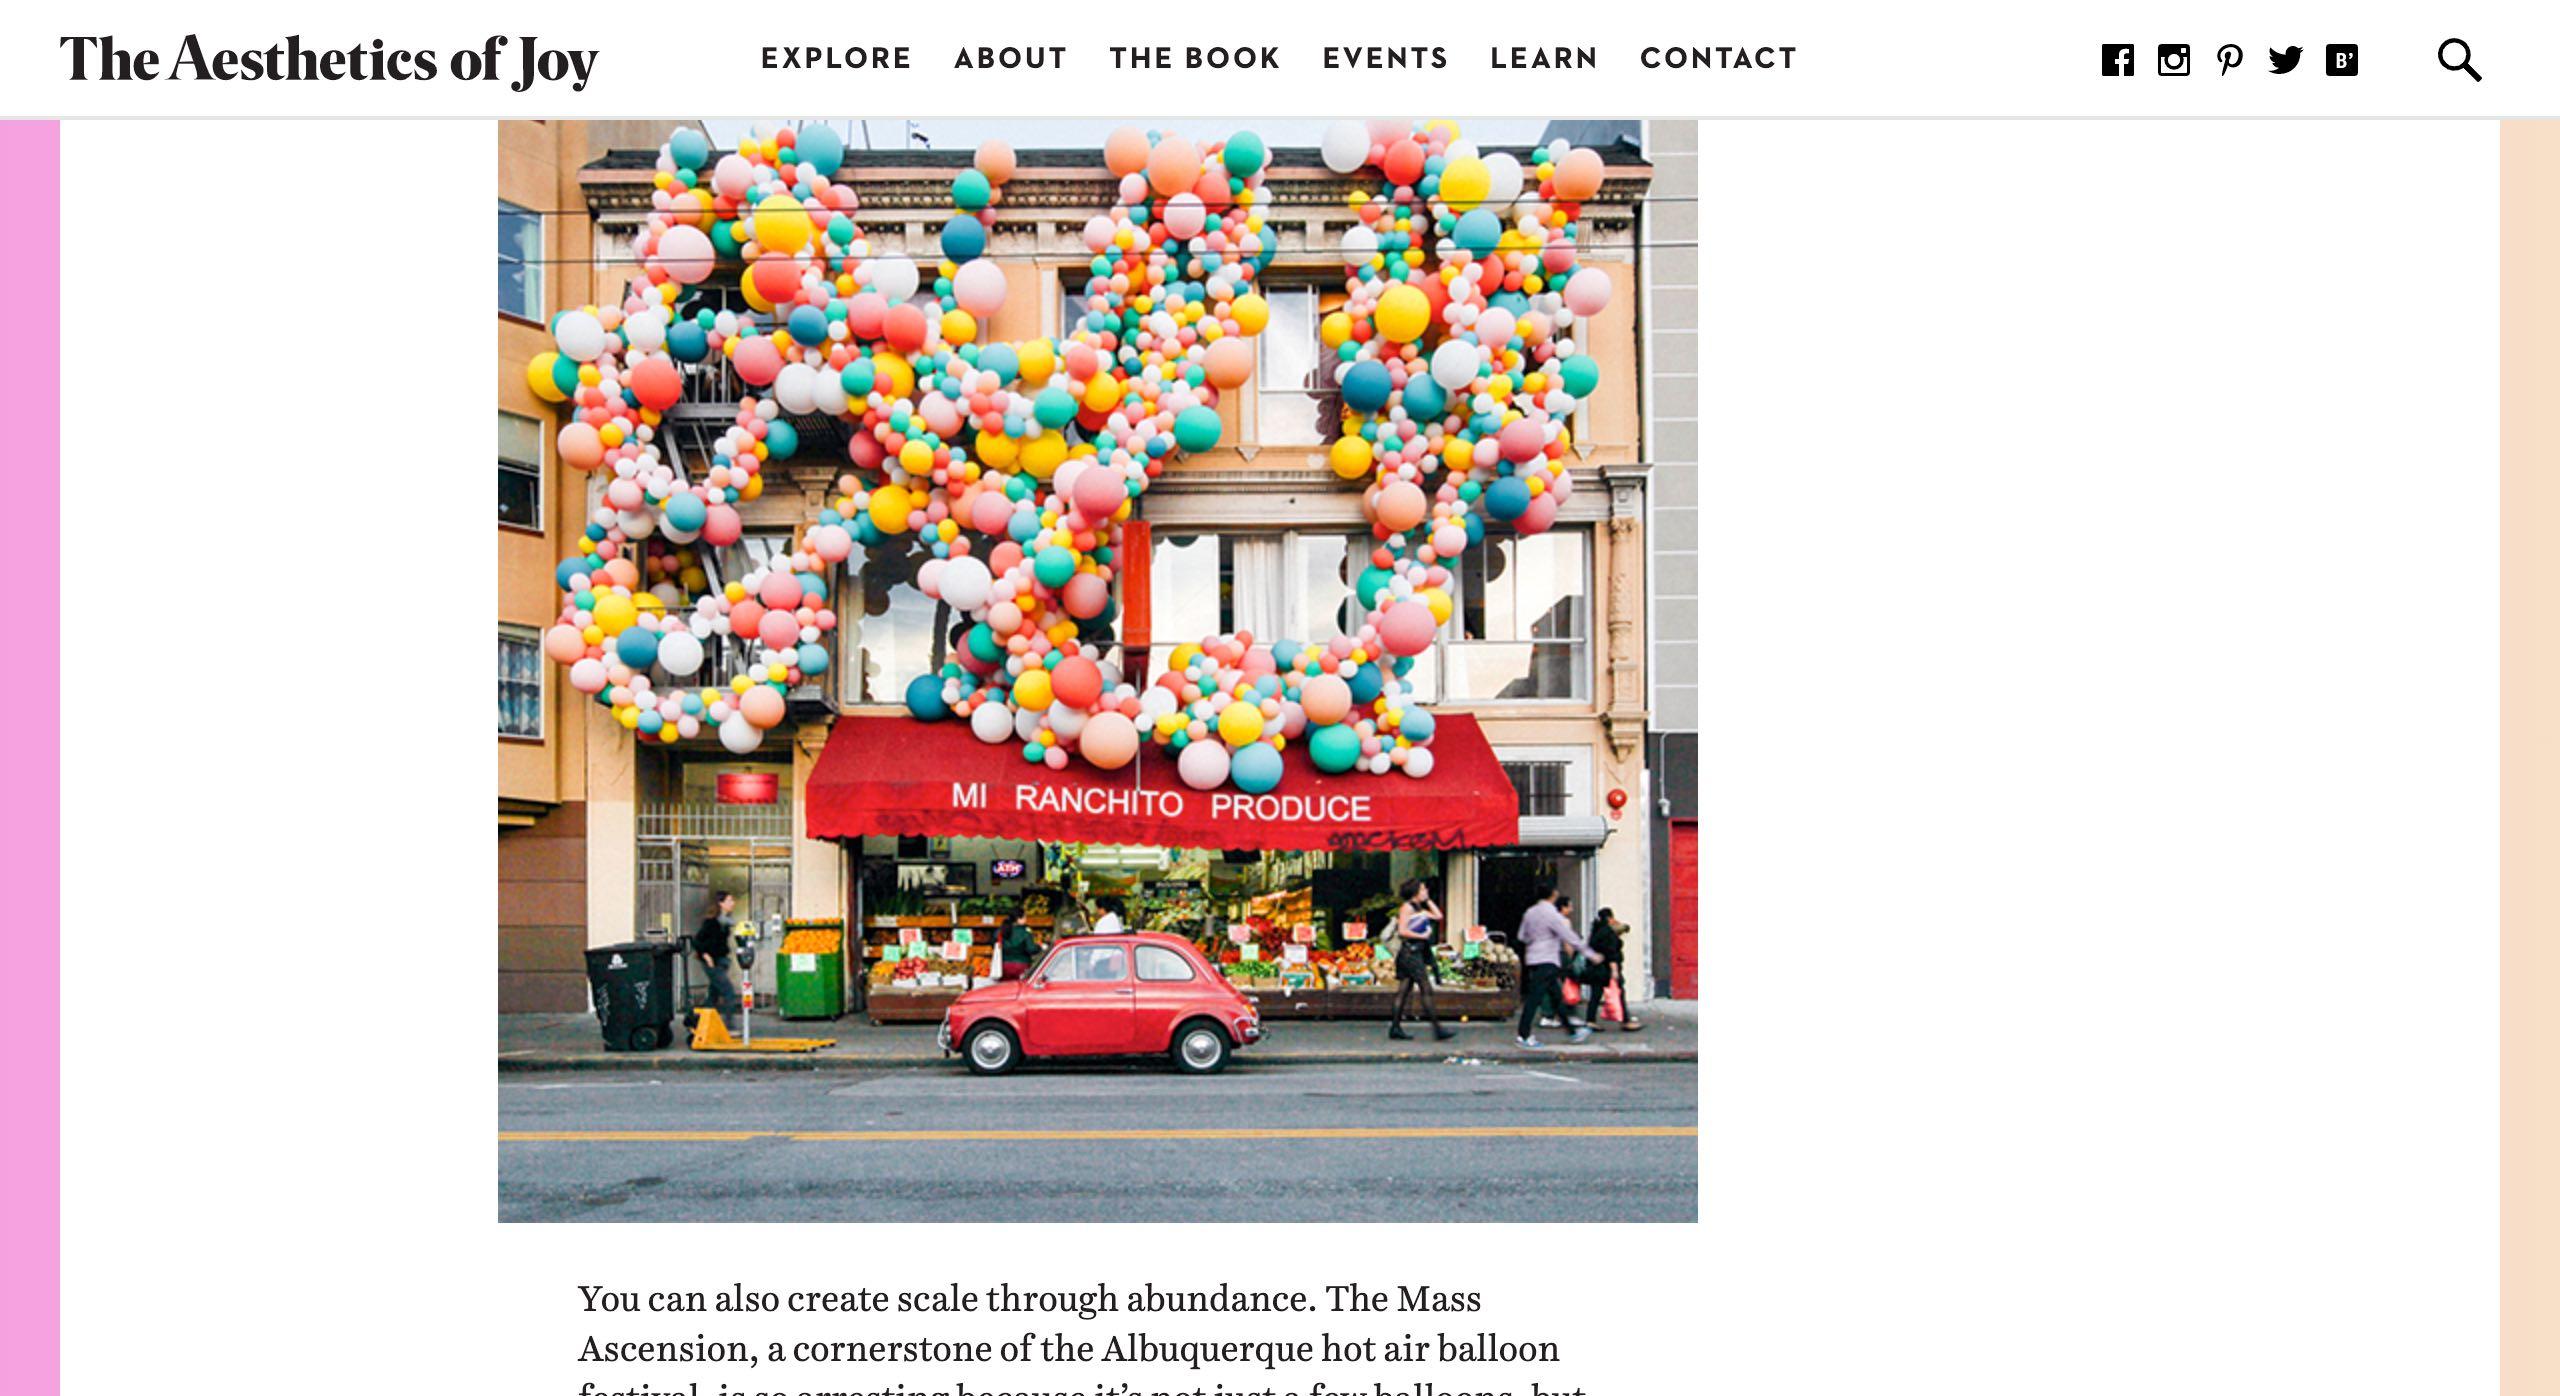 Captura de pantalla del sitio de escritorio de AestheticsOfJoy.com: fotografía colorida de una escultura de globo del tamaño de un edificio